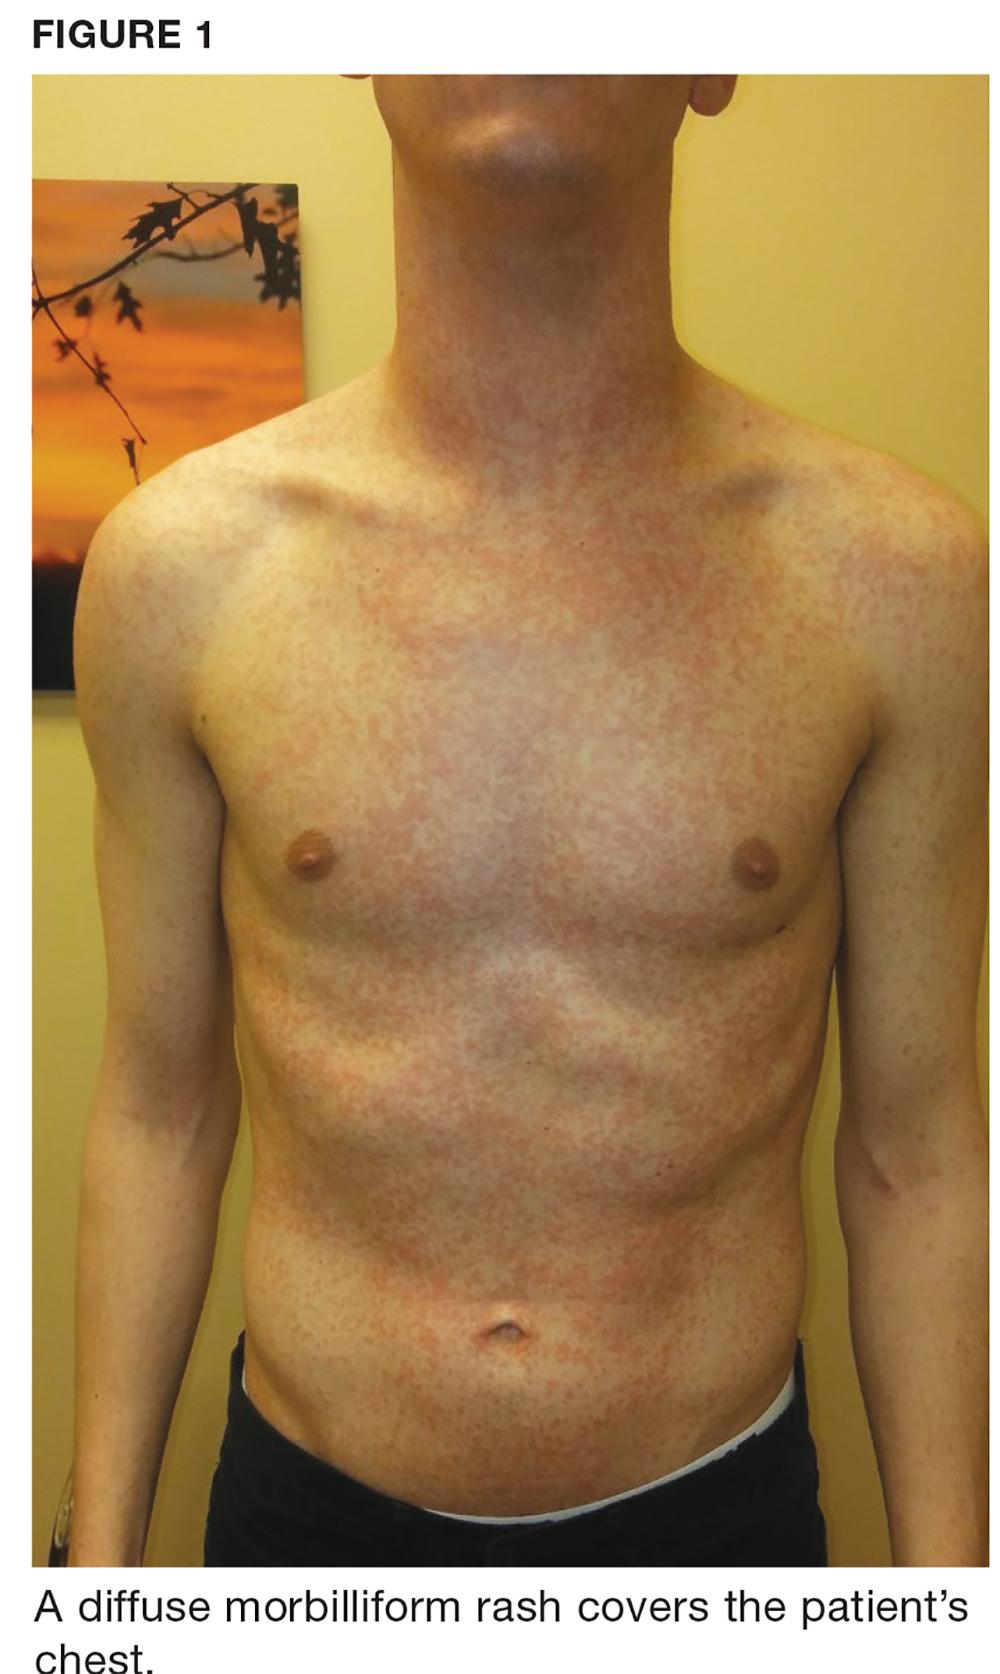 A diffuse morbiliform rash covers the patient's chest.